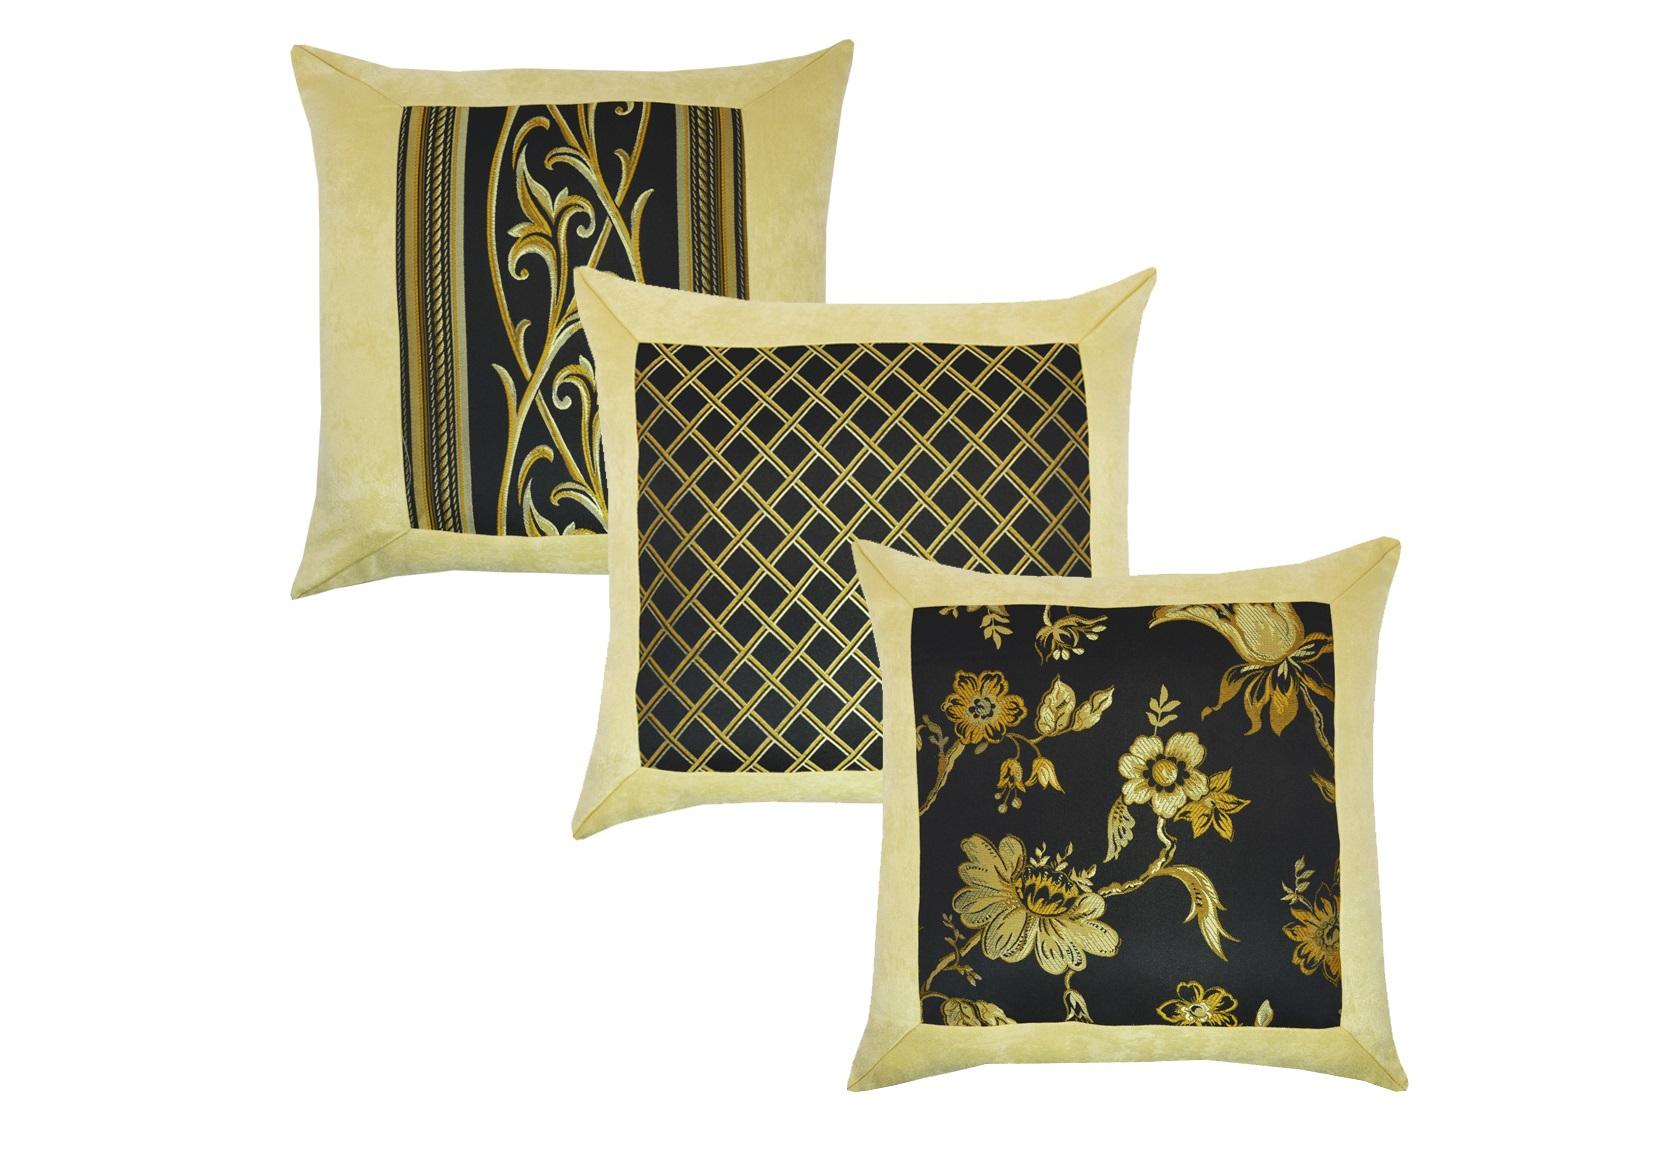 Комплект подушек Ivonne Black (2шт)Квадратные подушки и наволочки<br>Комплект декоративных  подушек. Чехол съемный.<br><br>Material: Вискоза<br>Length см: 45<br>Width см: 45<br>Depth см: 15